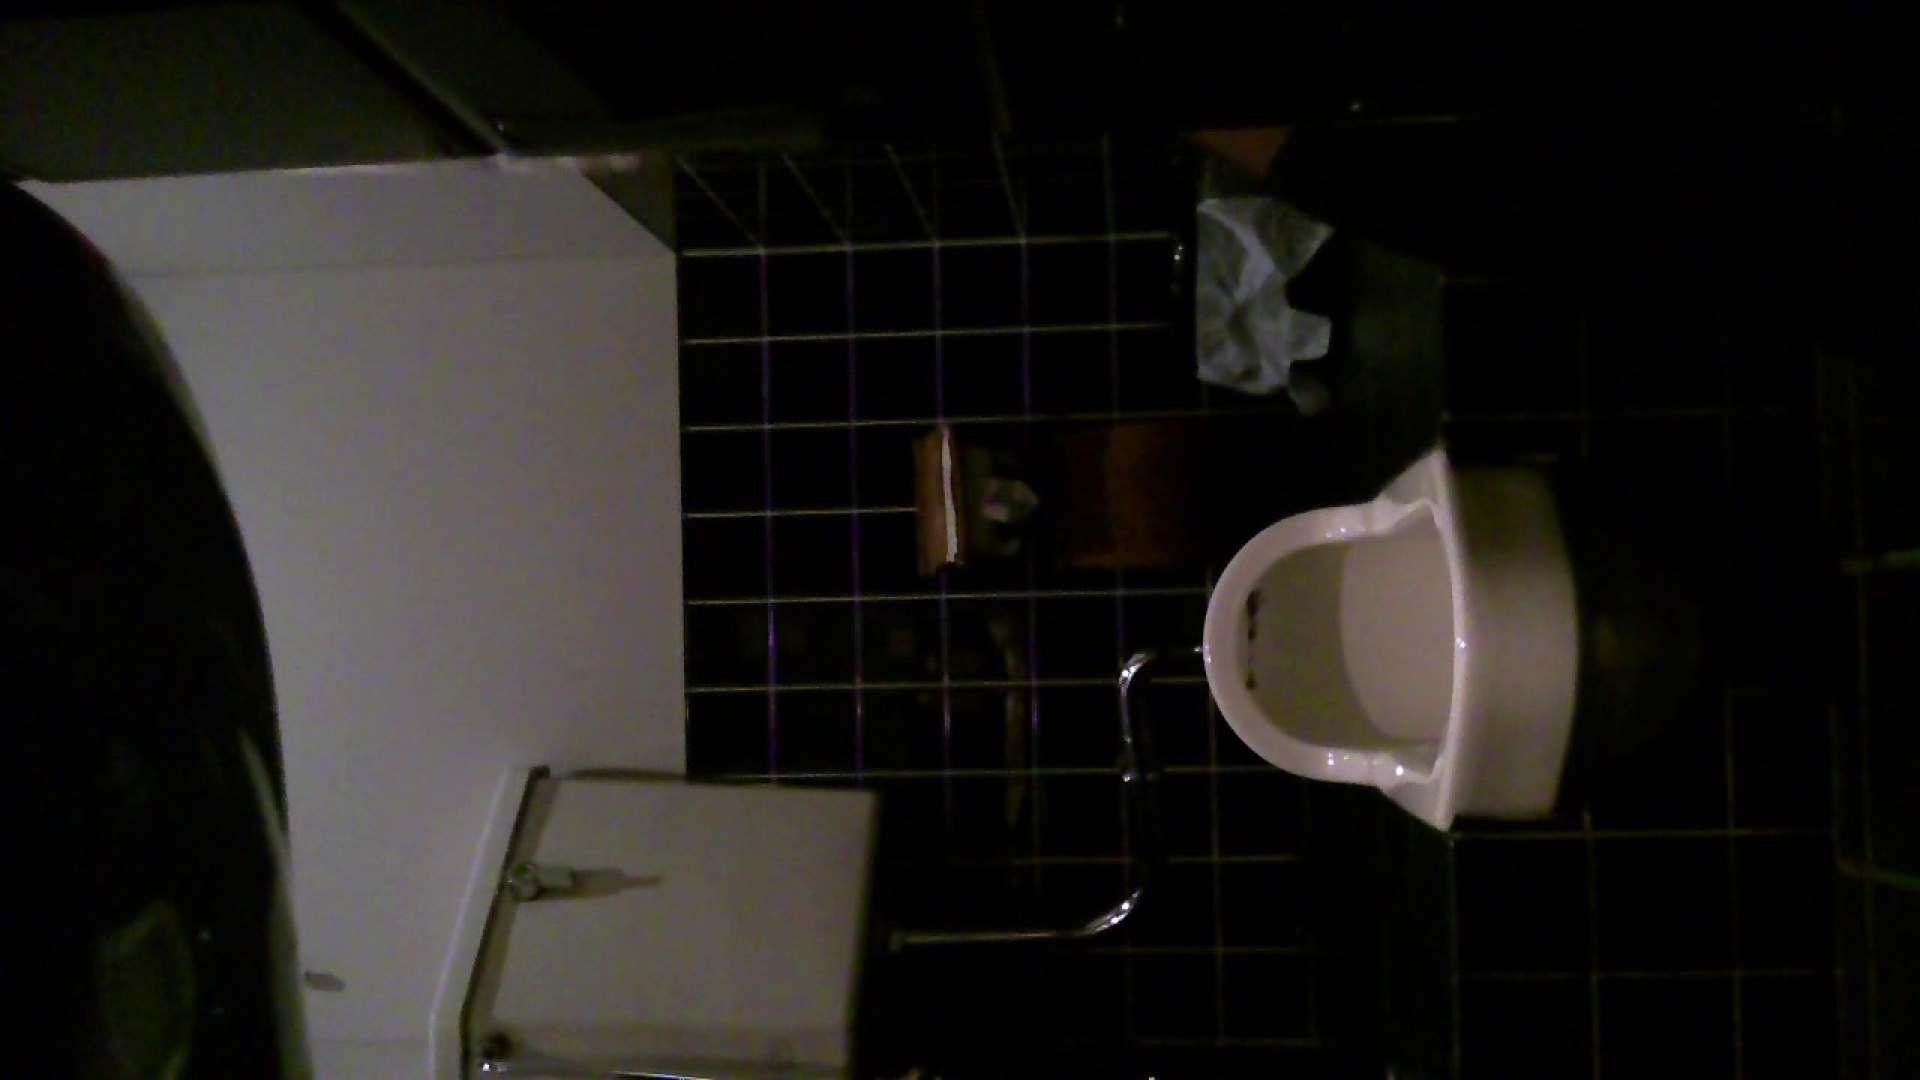 美女の集まる飲み屋洗面所 vol.04 美女エロ画像  52PICs 12